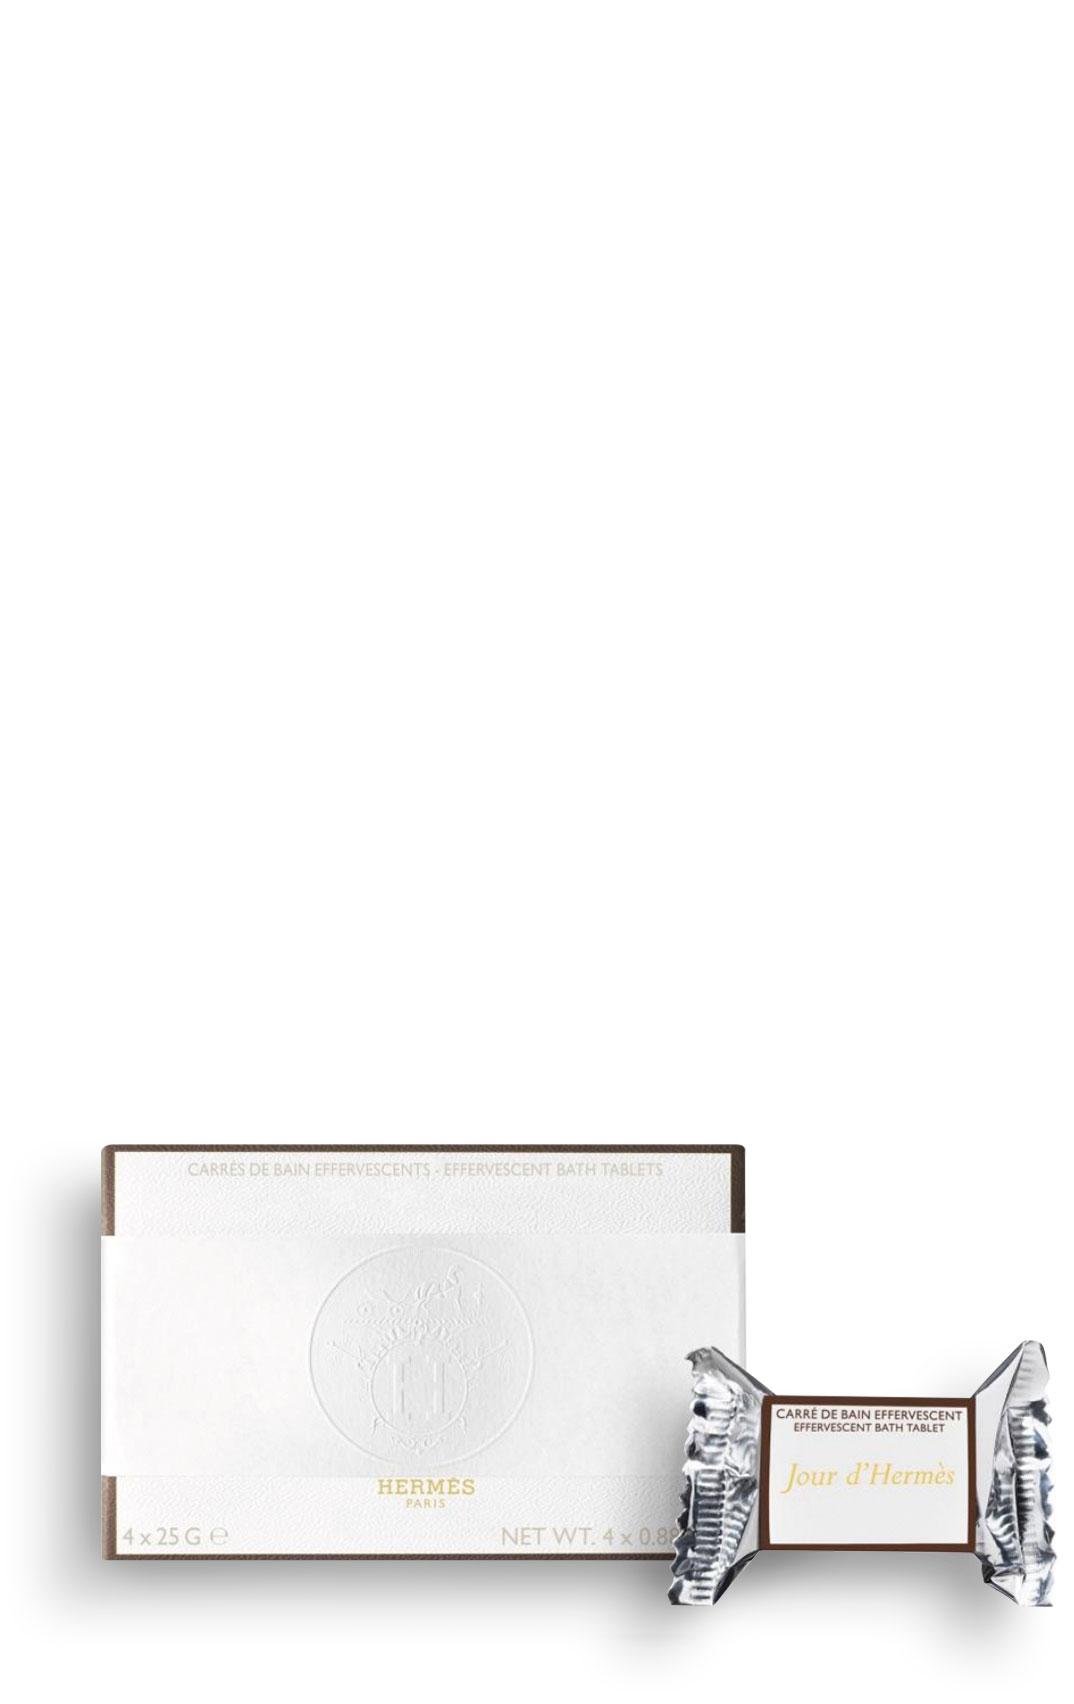 Hermès - Jour d'Hermès - Carré de bain effervescents